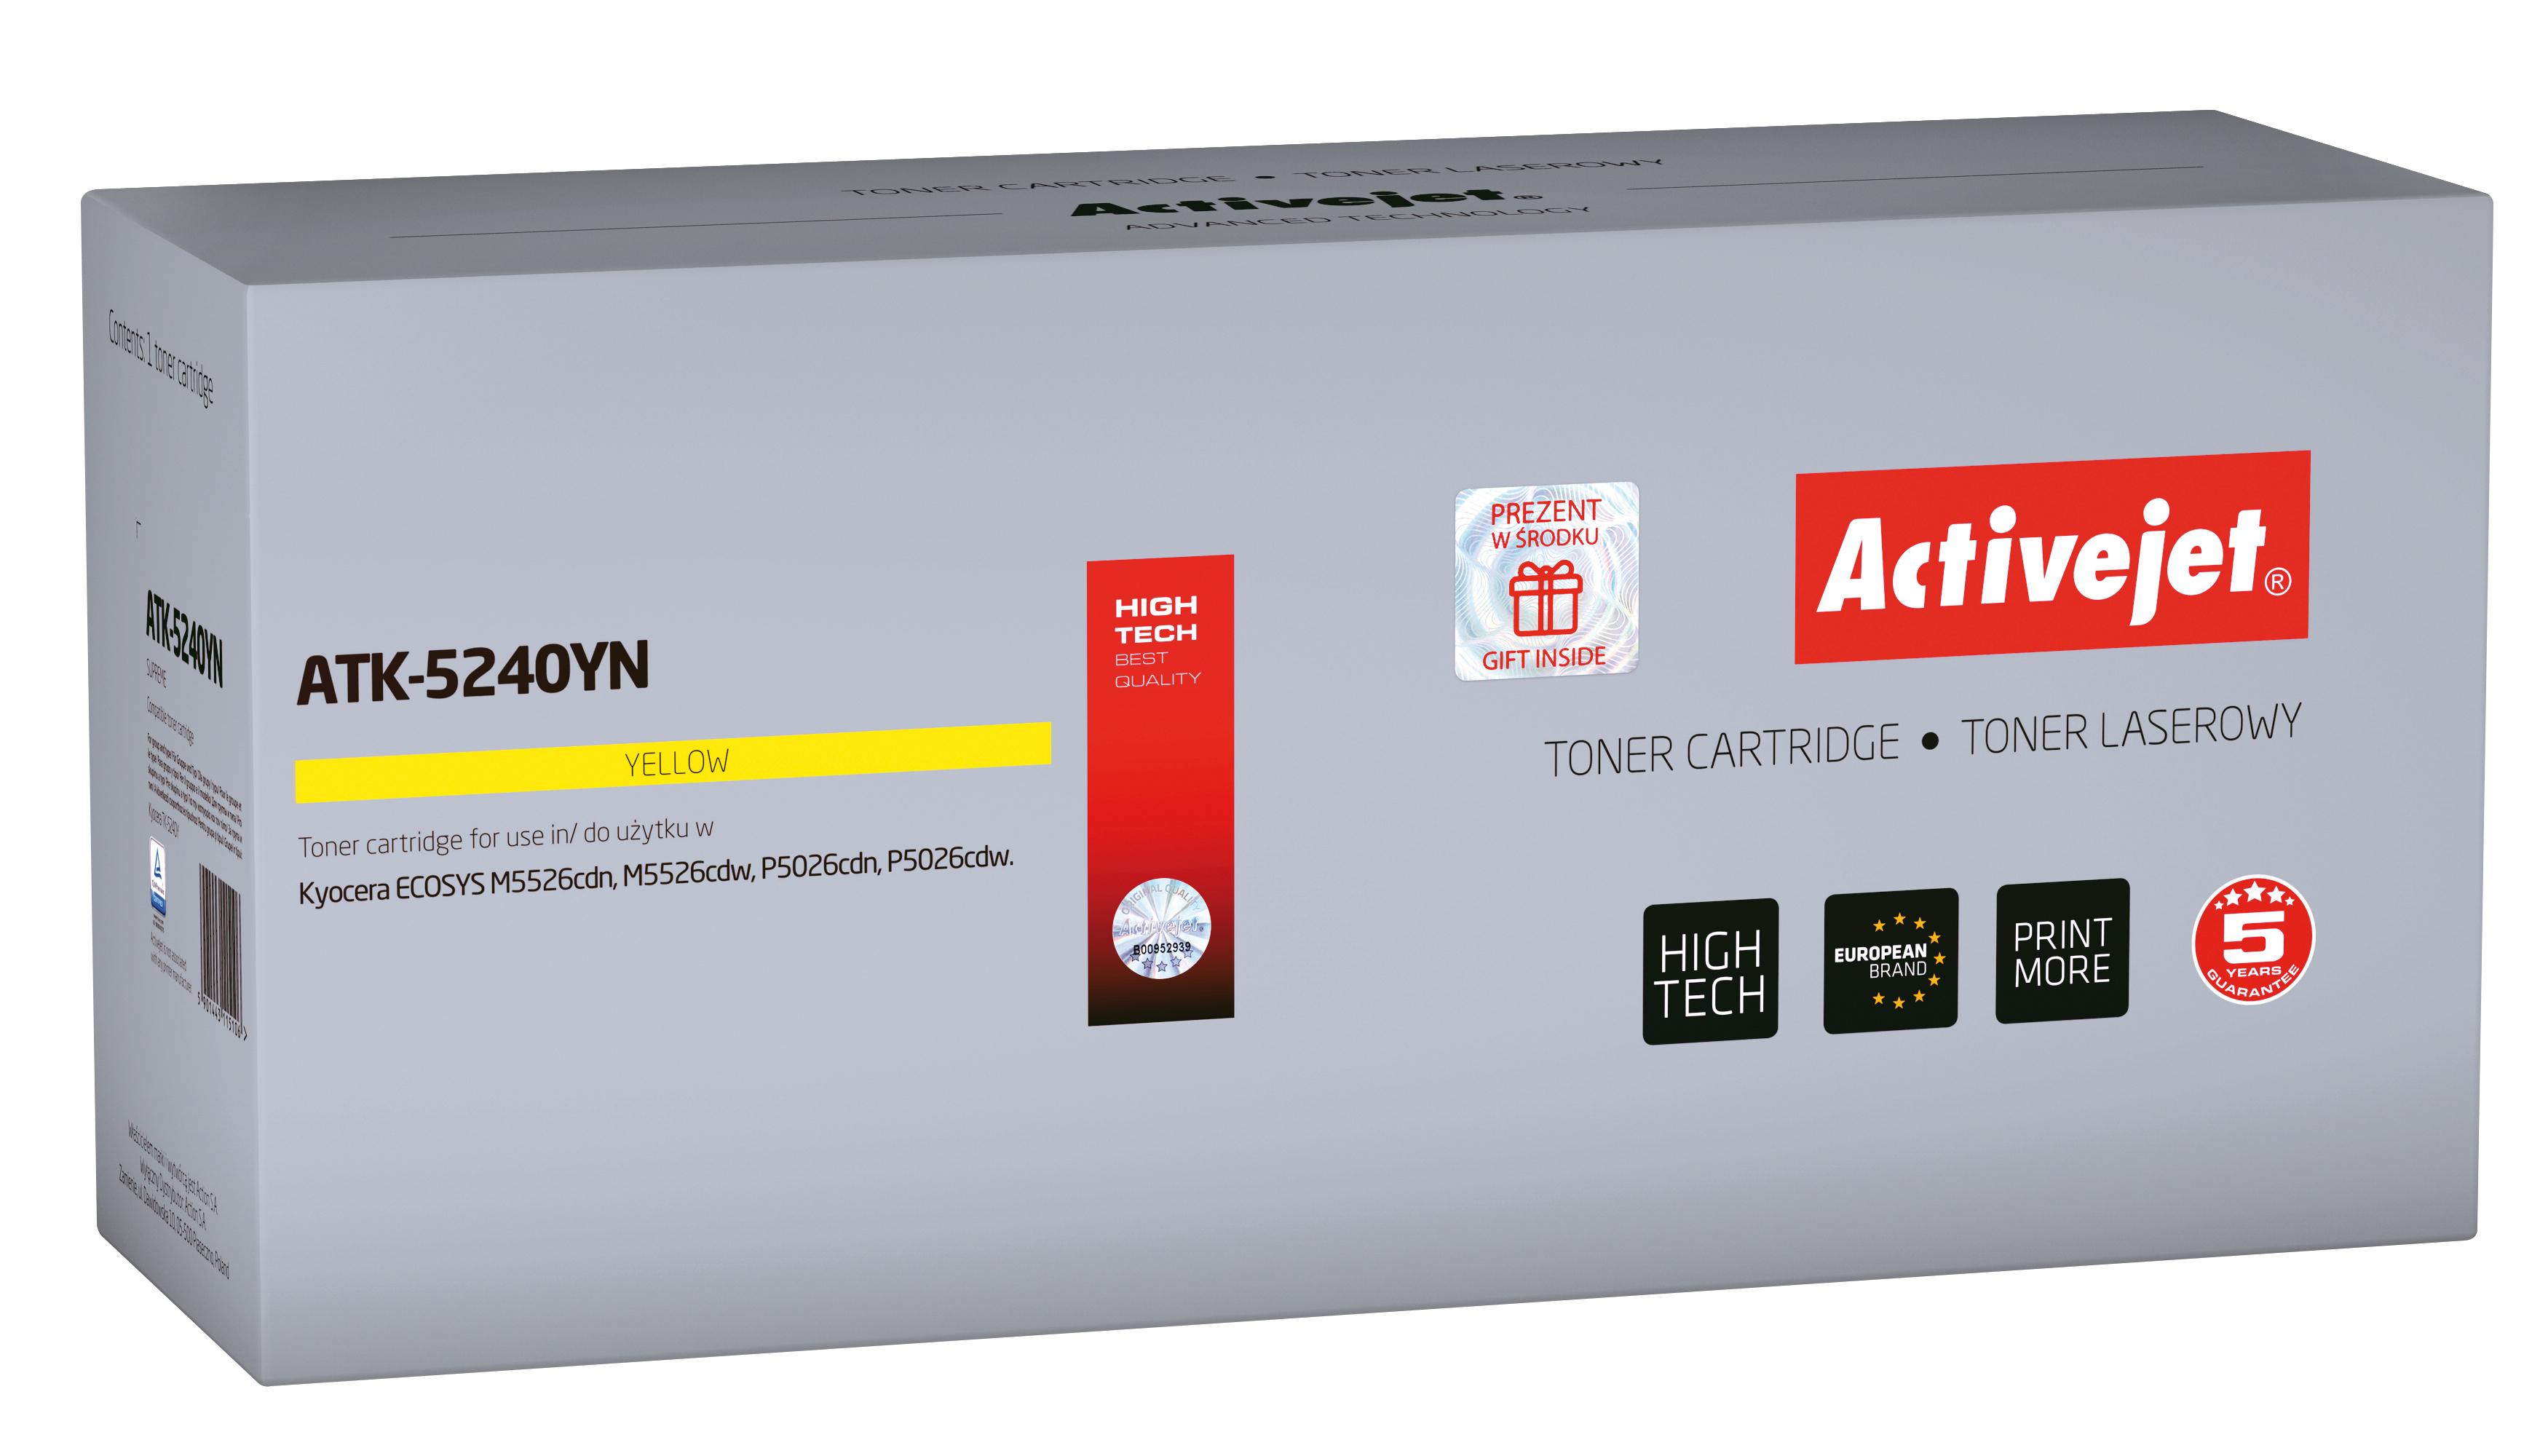 Toner Activejet  ATK-5240YN do drukarki Kyocera, Zamiennik Kyocera TK-5240Y; Supreme; 3000 stron; Żólty.